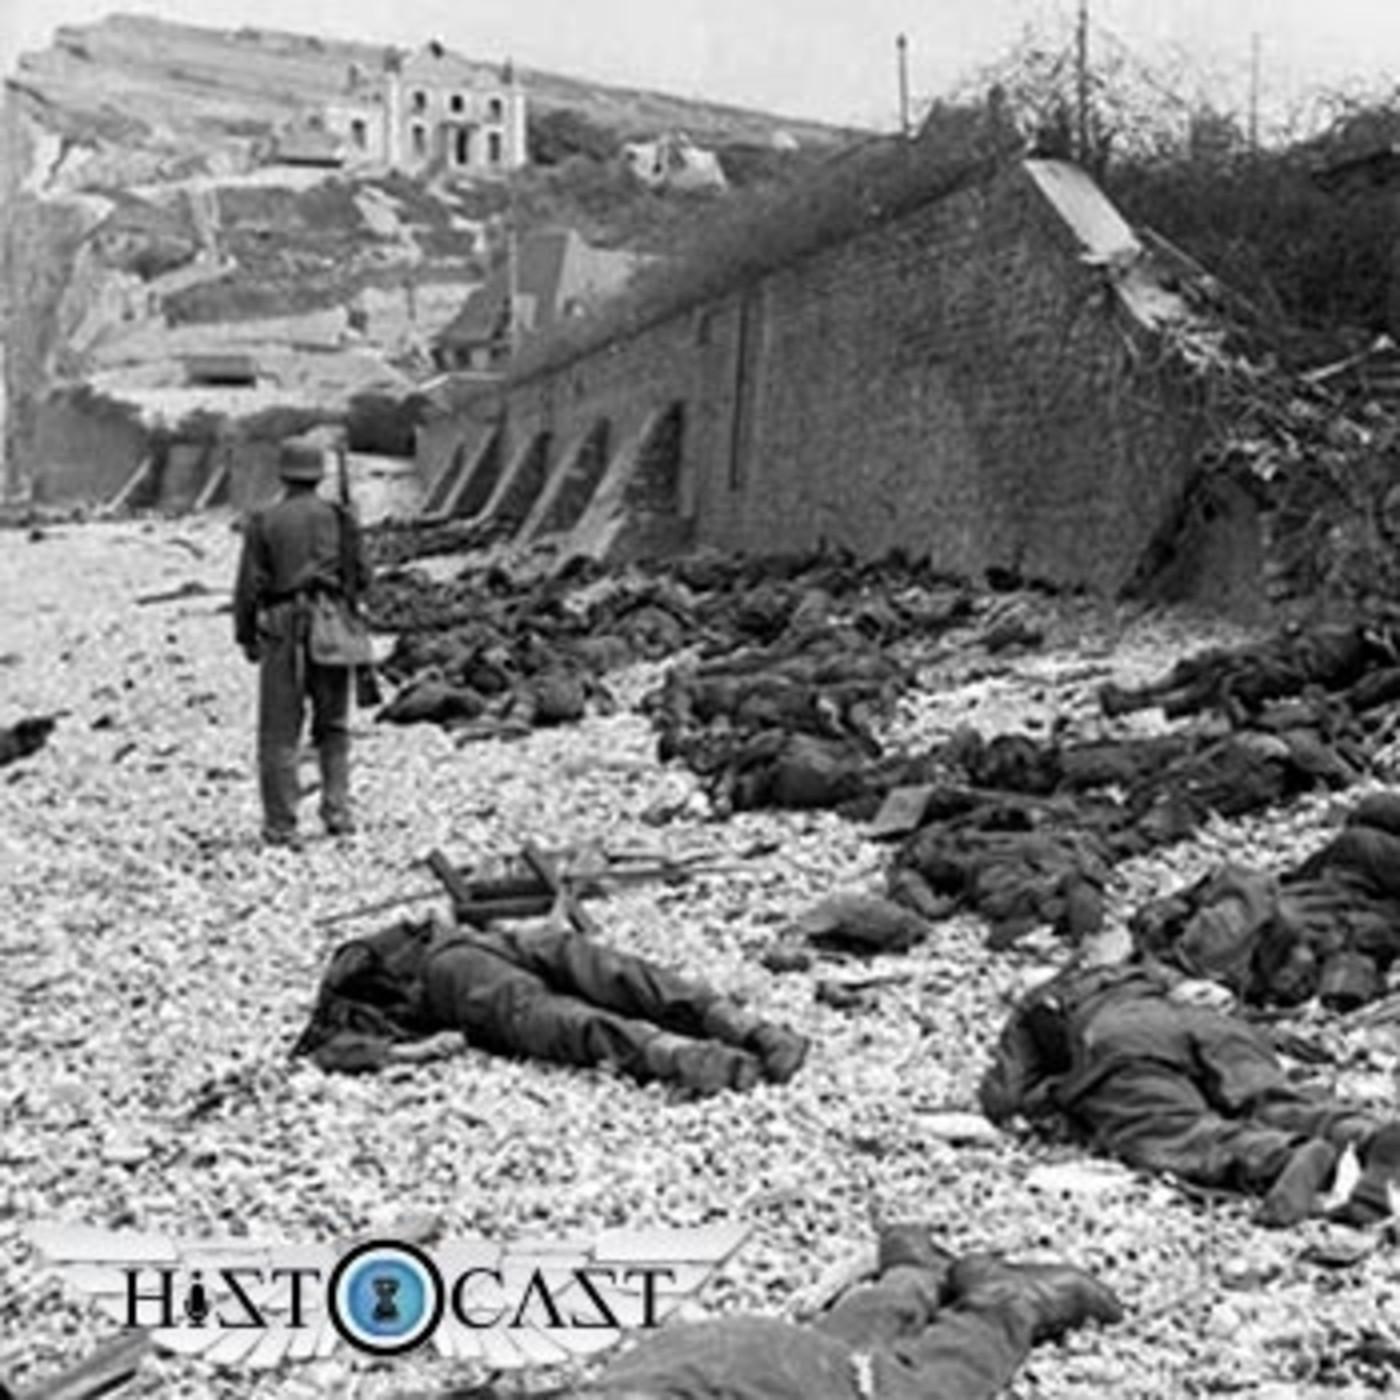 HistoCast 205 - Dieppe, anatomía de un desastre